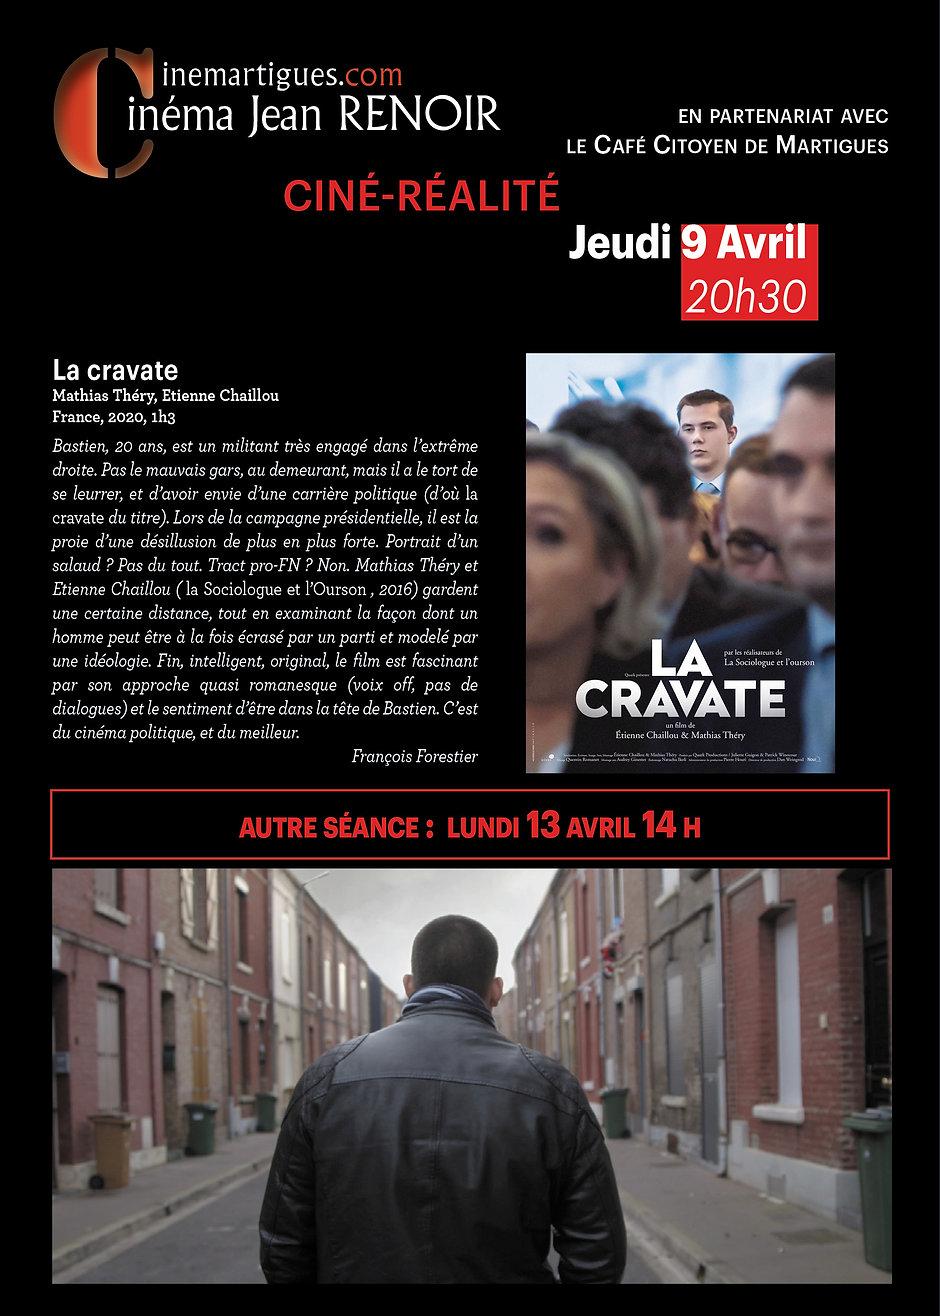 LA CRAVATE mars 2020.jpg